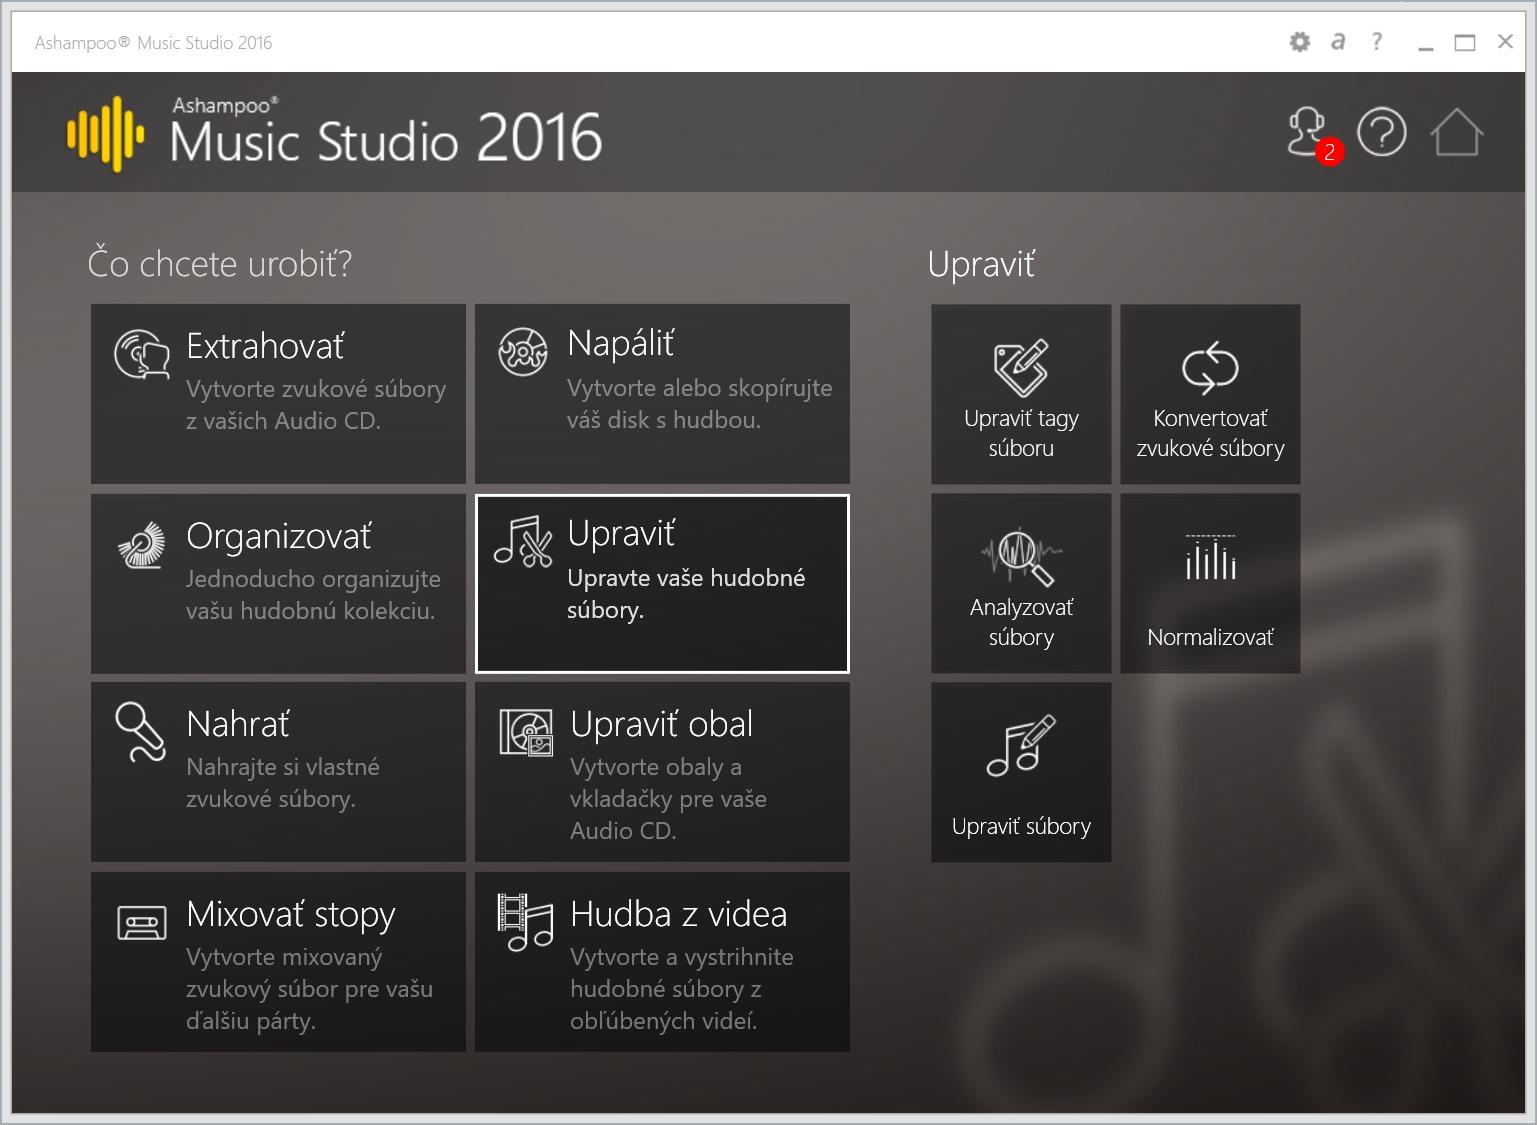 Ashampoo Music Studio 2016 na rýchle úpravy zvuku bez profesionálnych znalostí